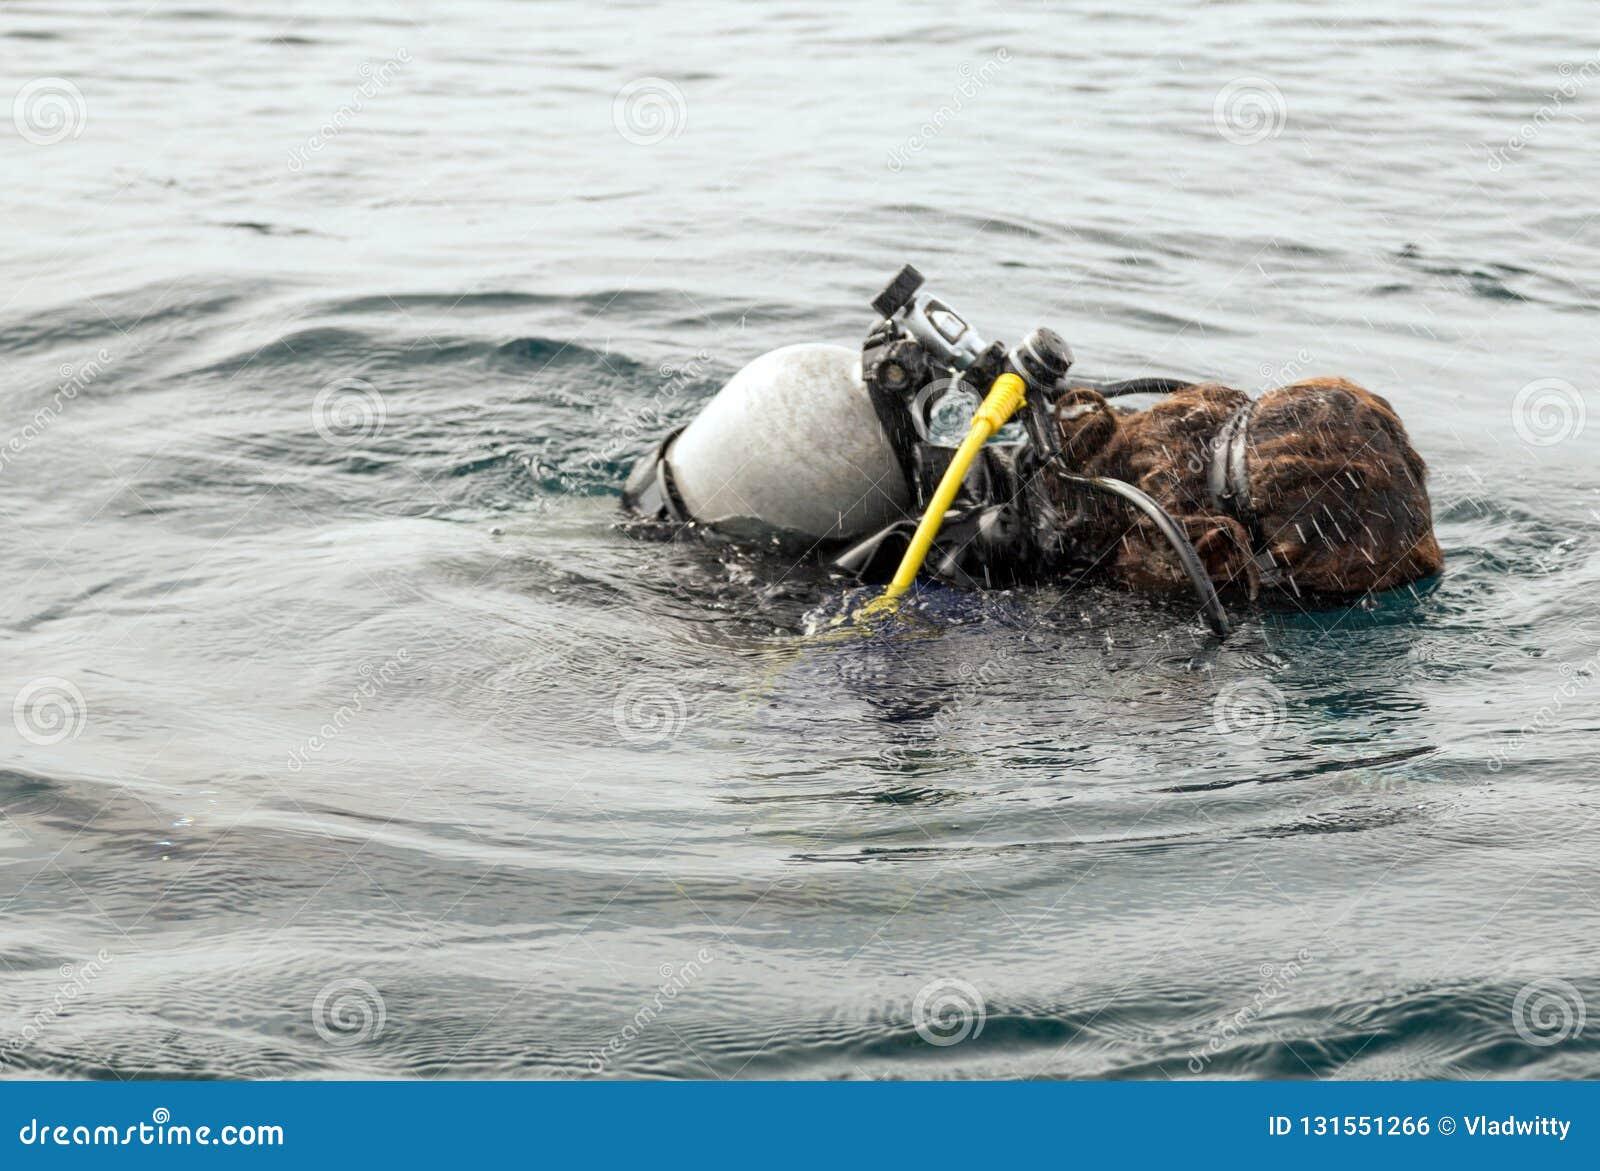 b0b169c3dd2f7a Oxigen tank Scuba Diver Swimming in wetsuit neoprene